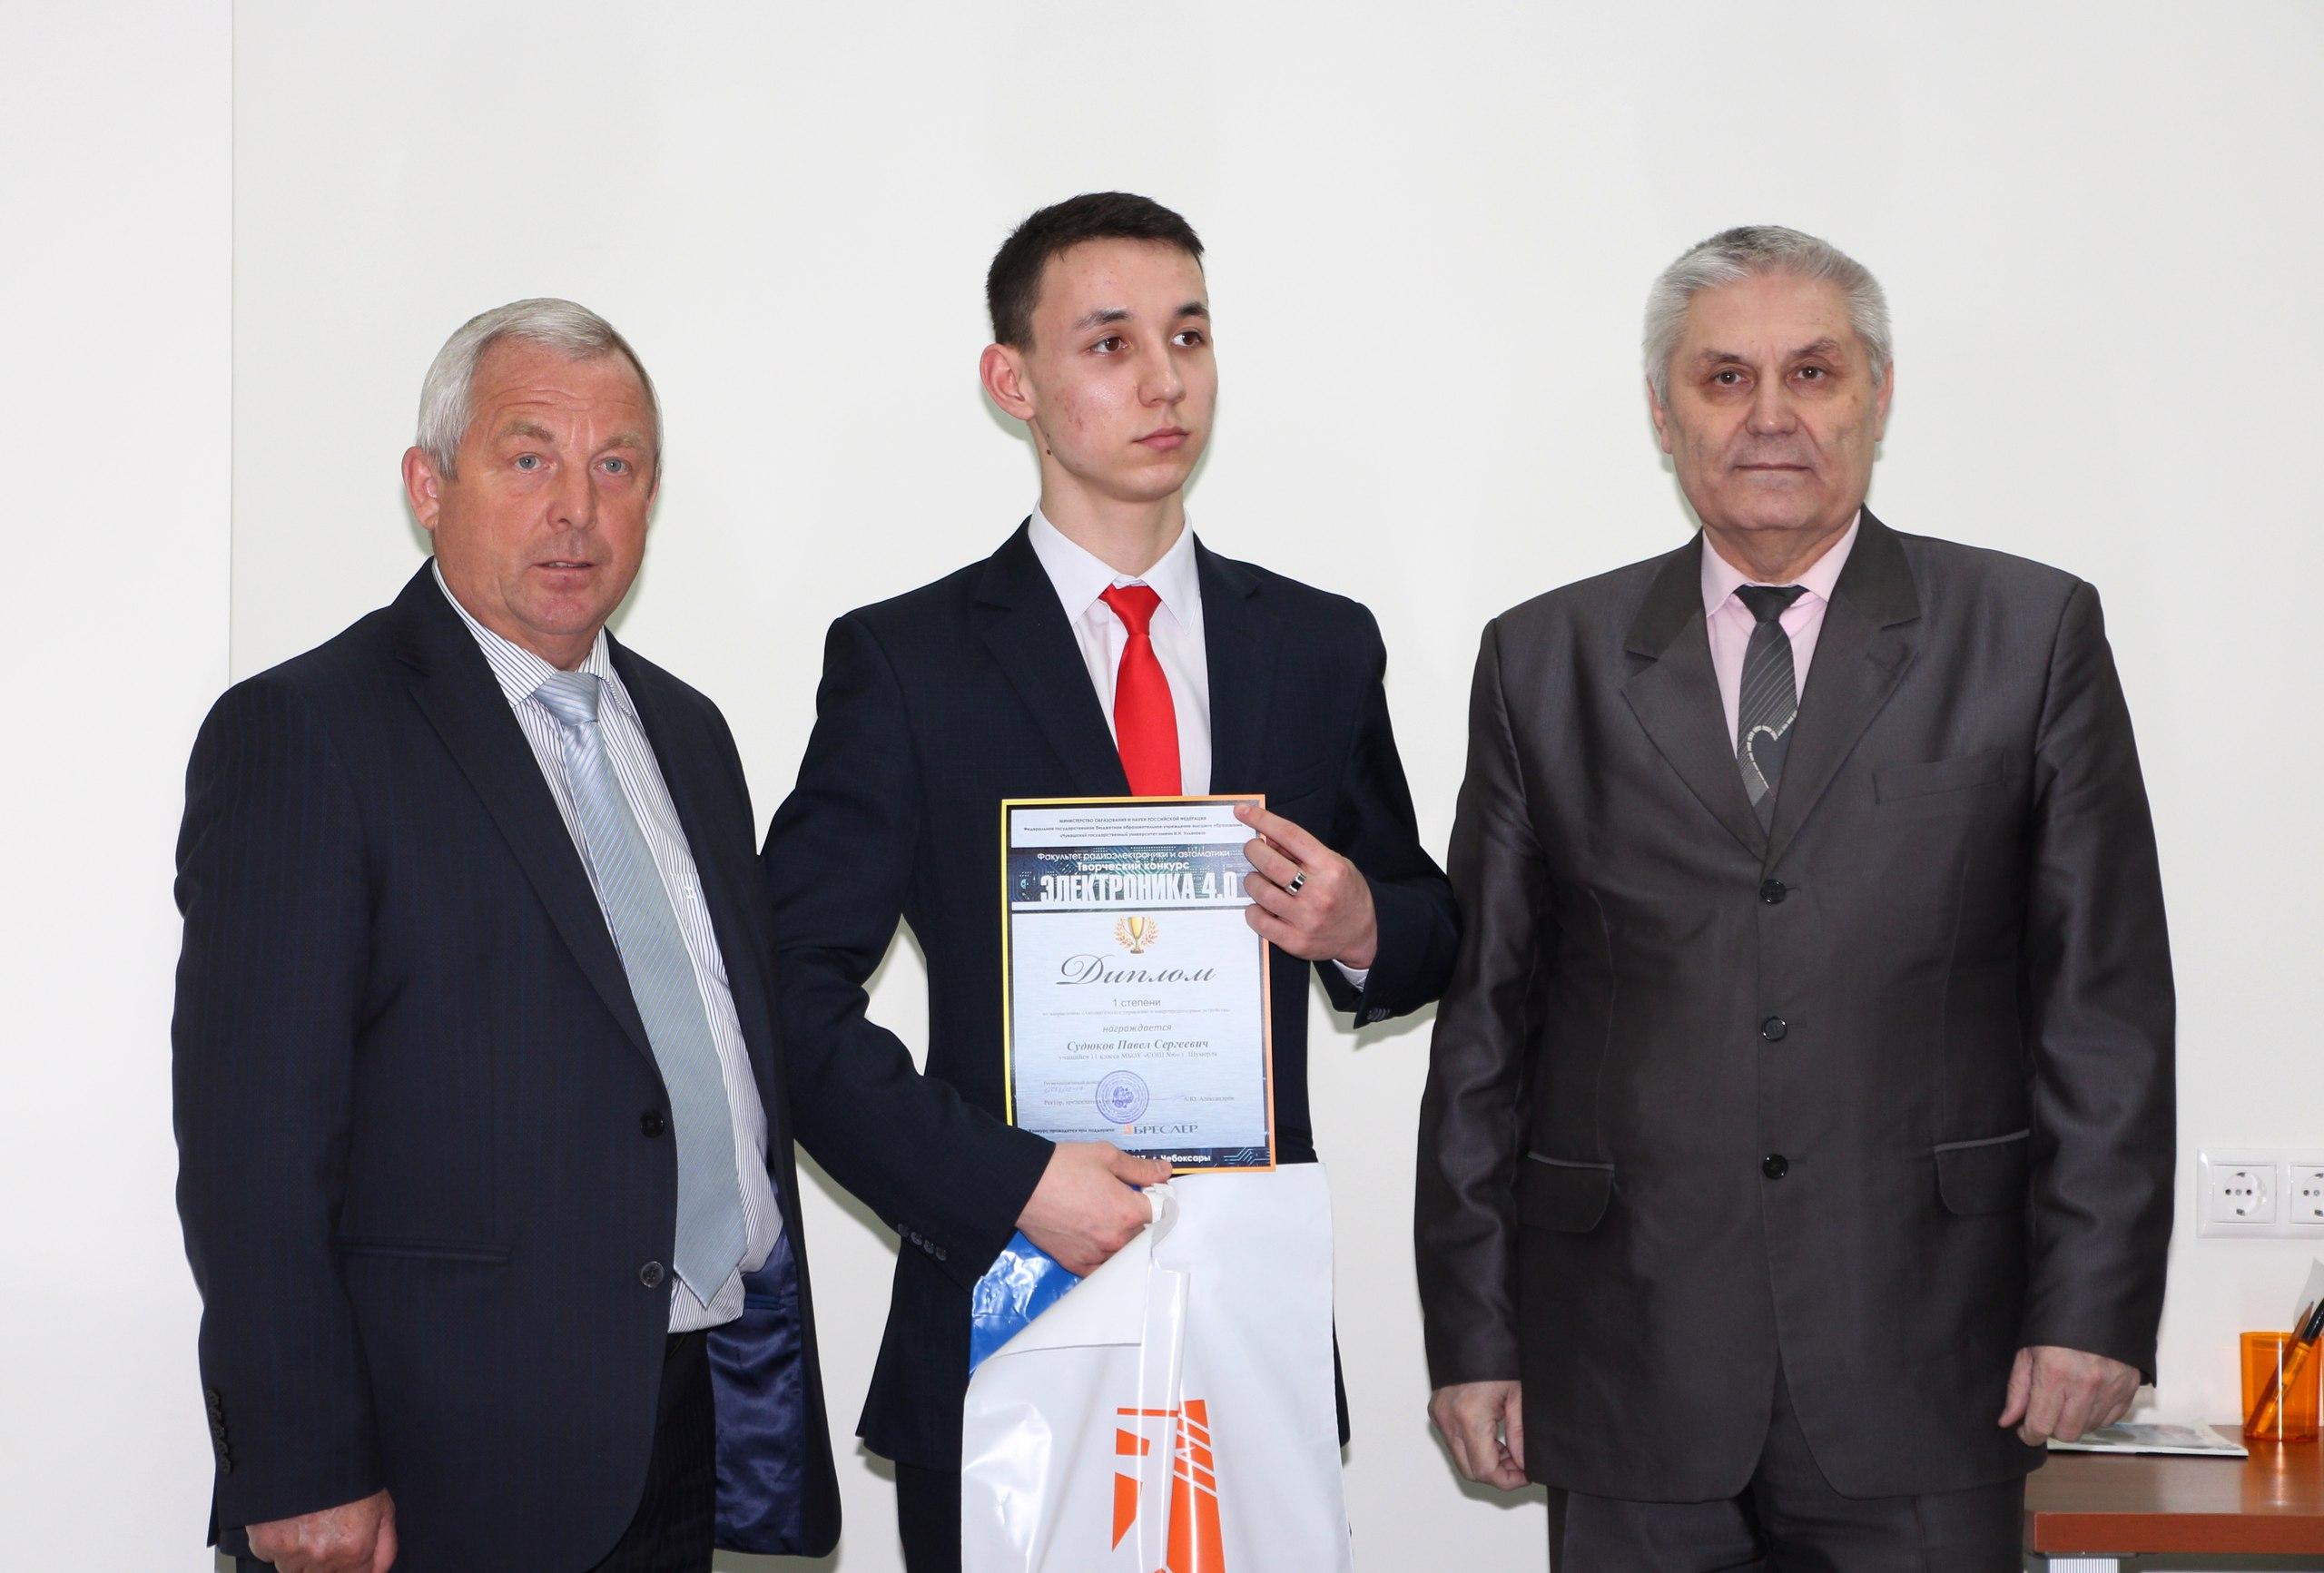 16 января состоялось награждение победителей и призеров творческого конкурса «Электроника 4.0»